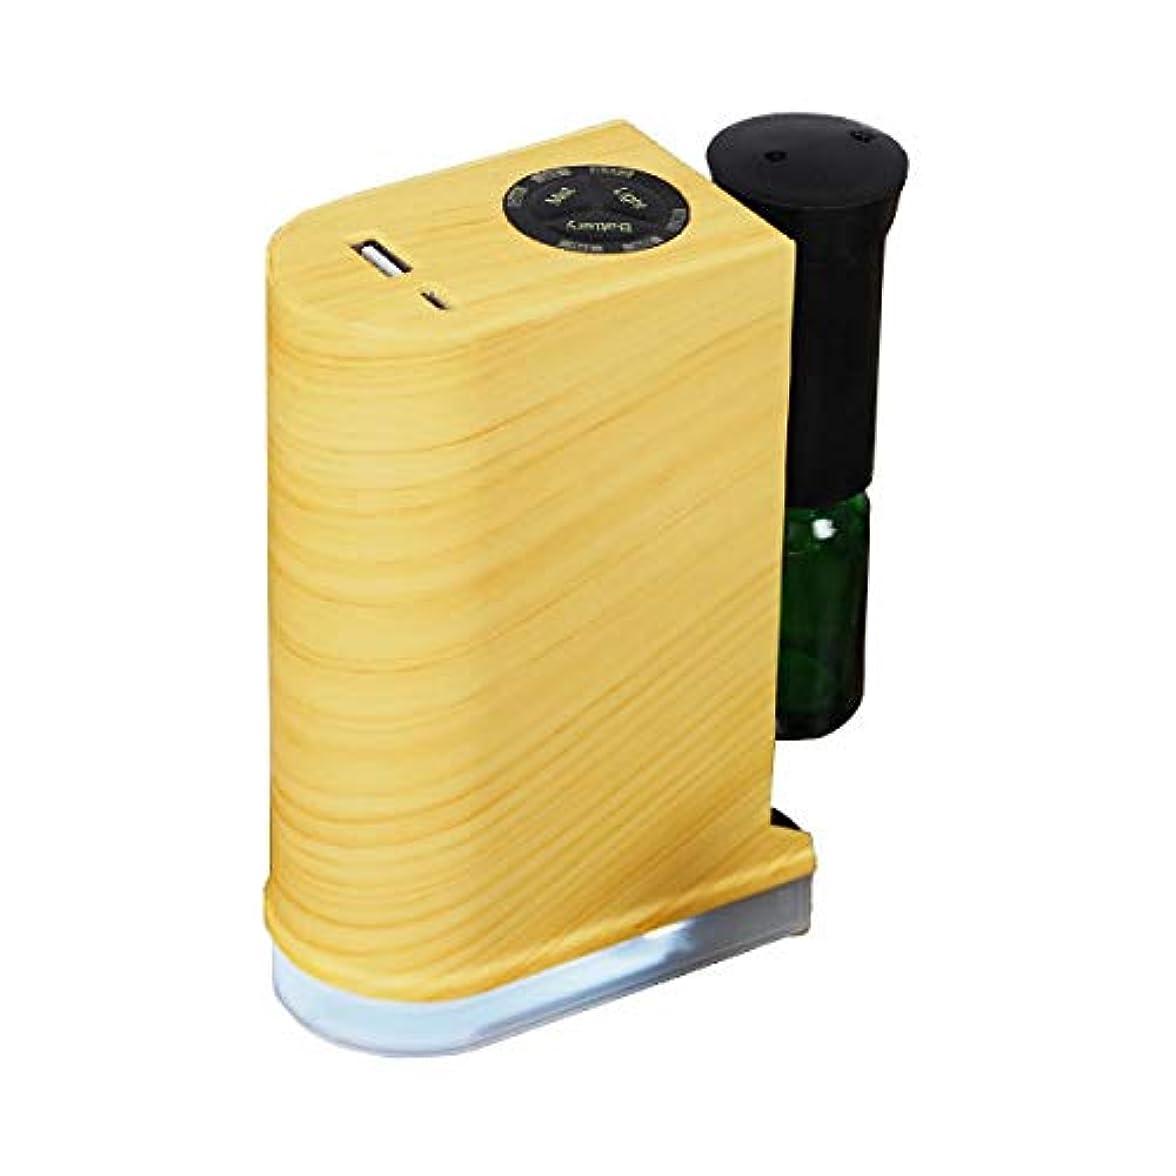 許容できるダブルポケットアロマデュフューザー 水を使わない ネブライザー式アロマディフューザー LED搭載 アロマオイル 精油 アロマ芳香 (ナチュラル)